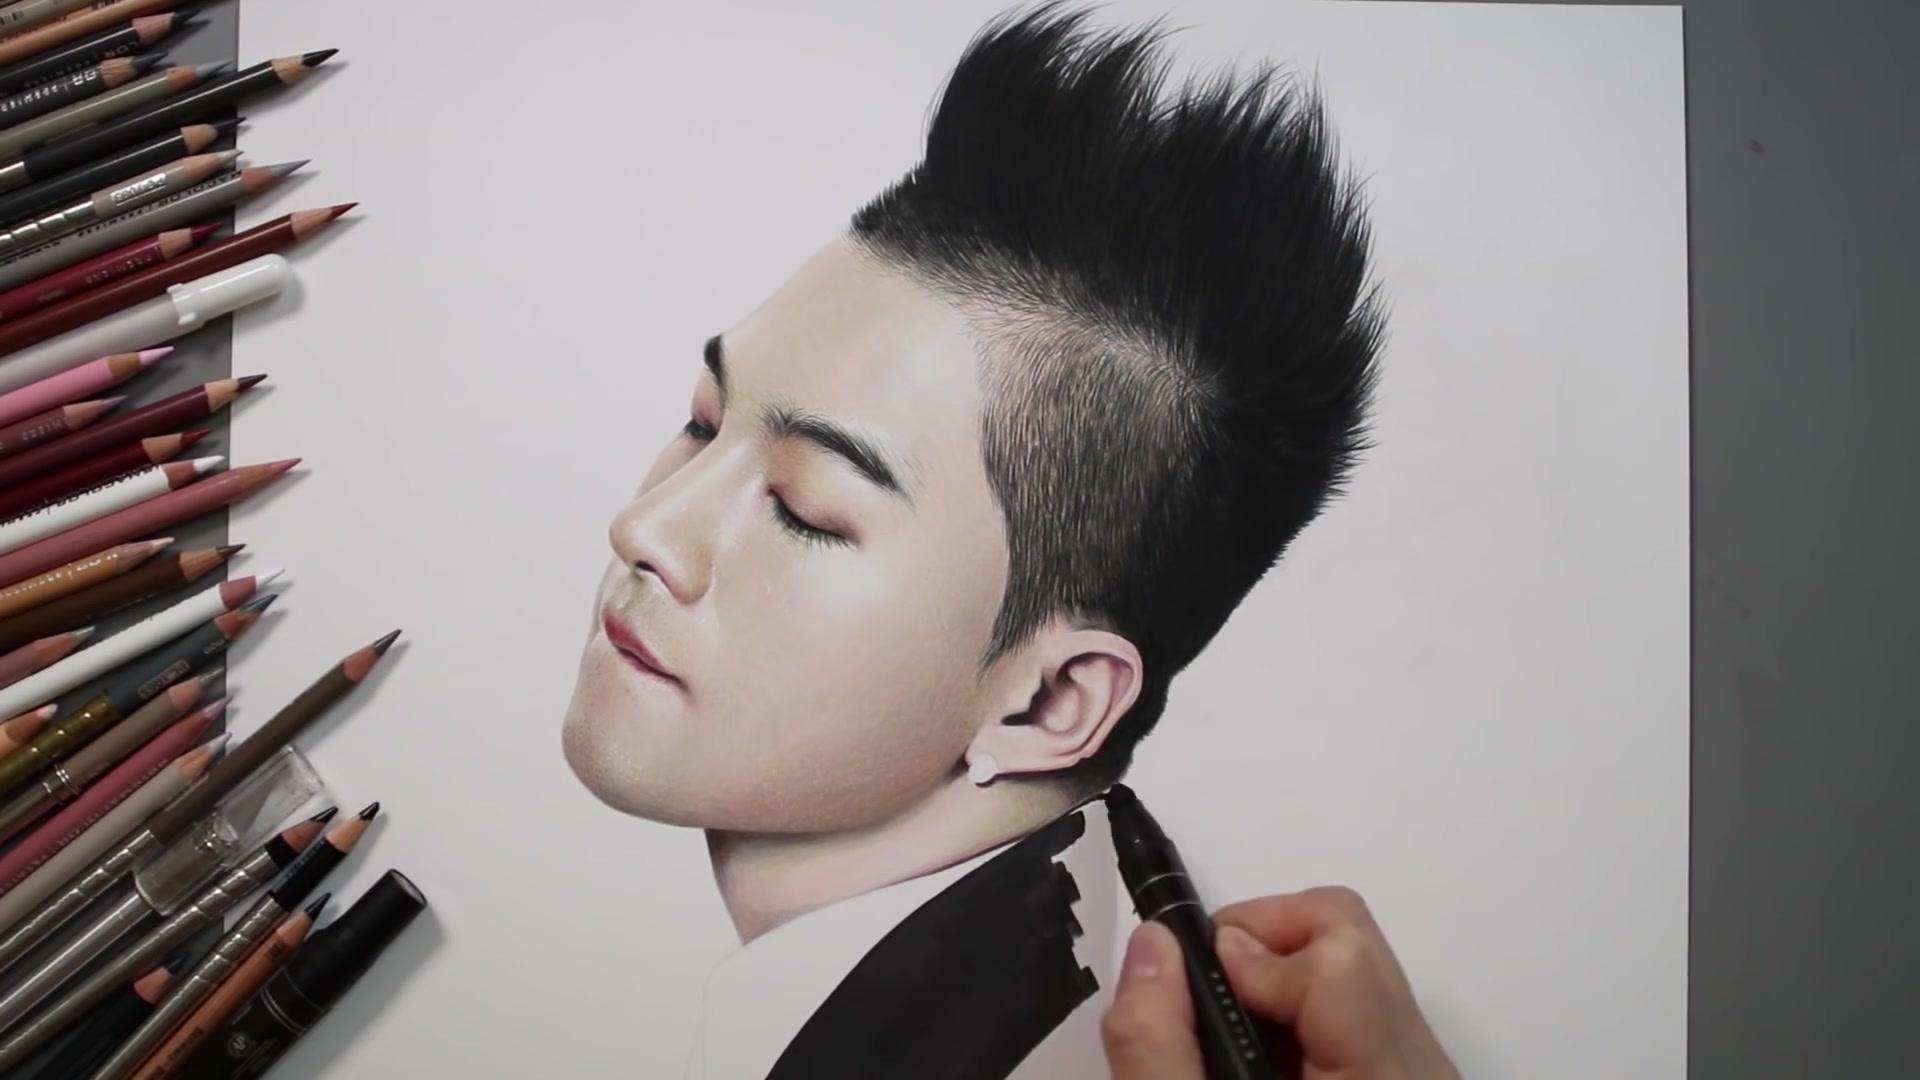 Drawing Hands Episode 66: Speed Drawing BIGBANG's Taeyang